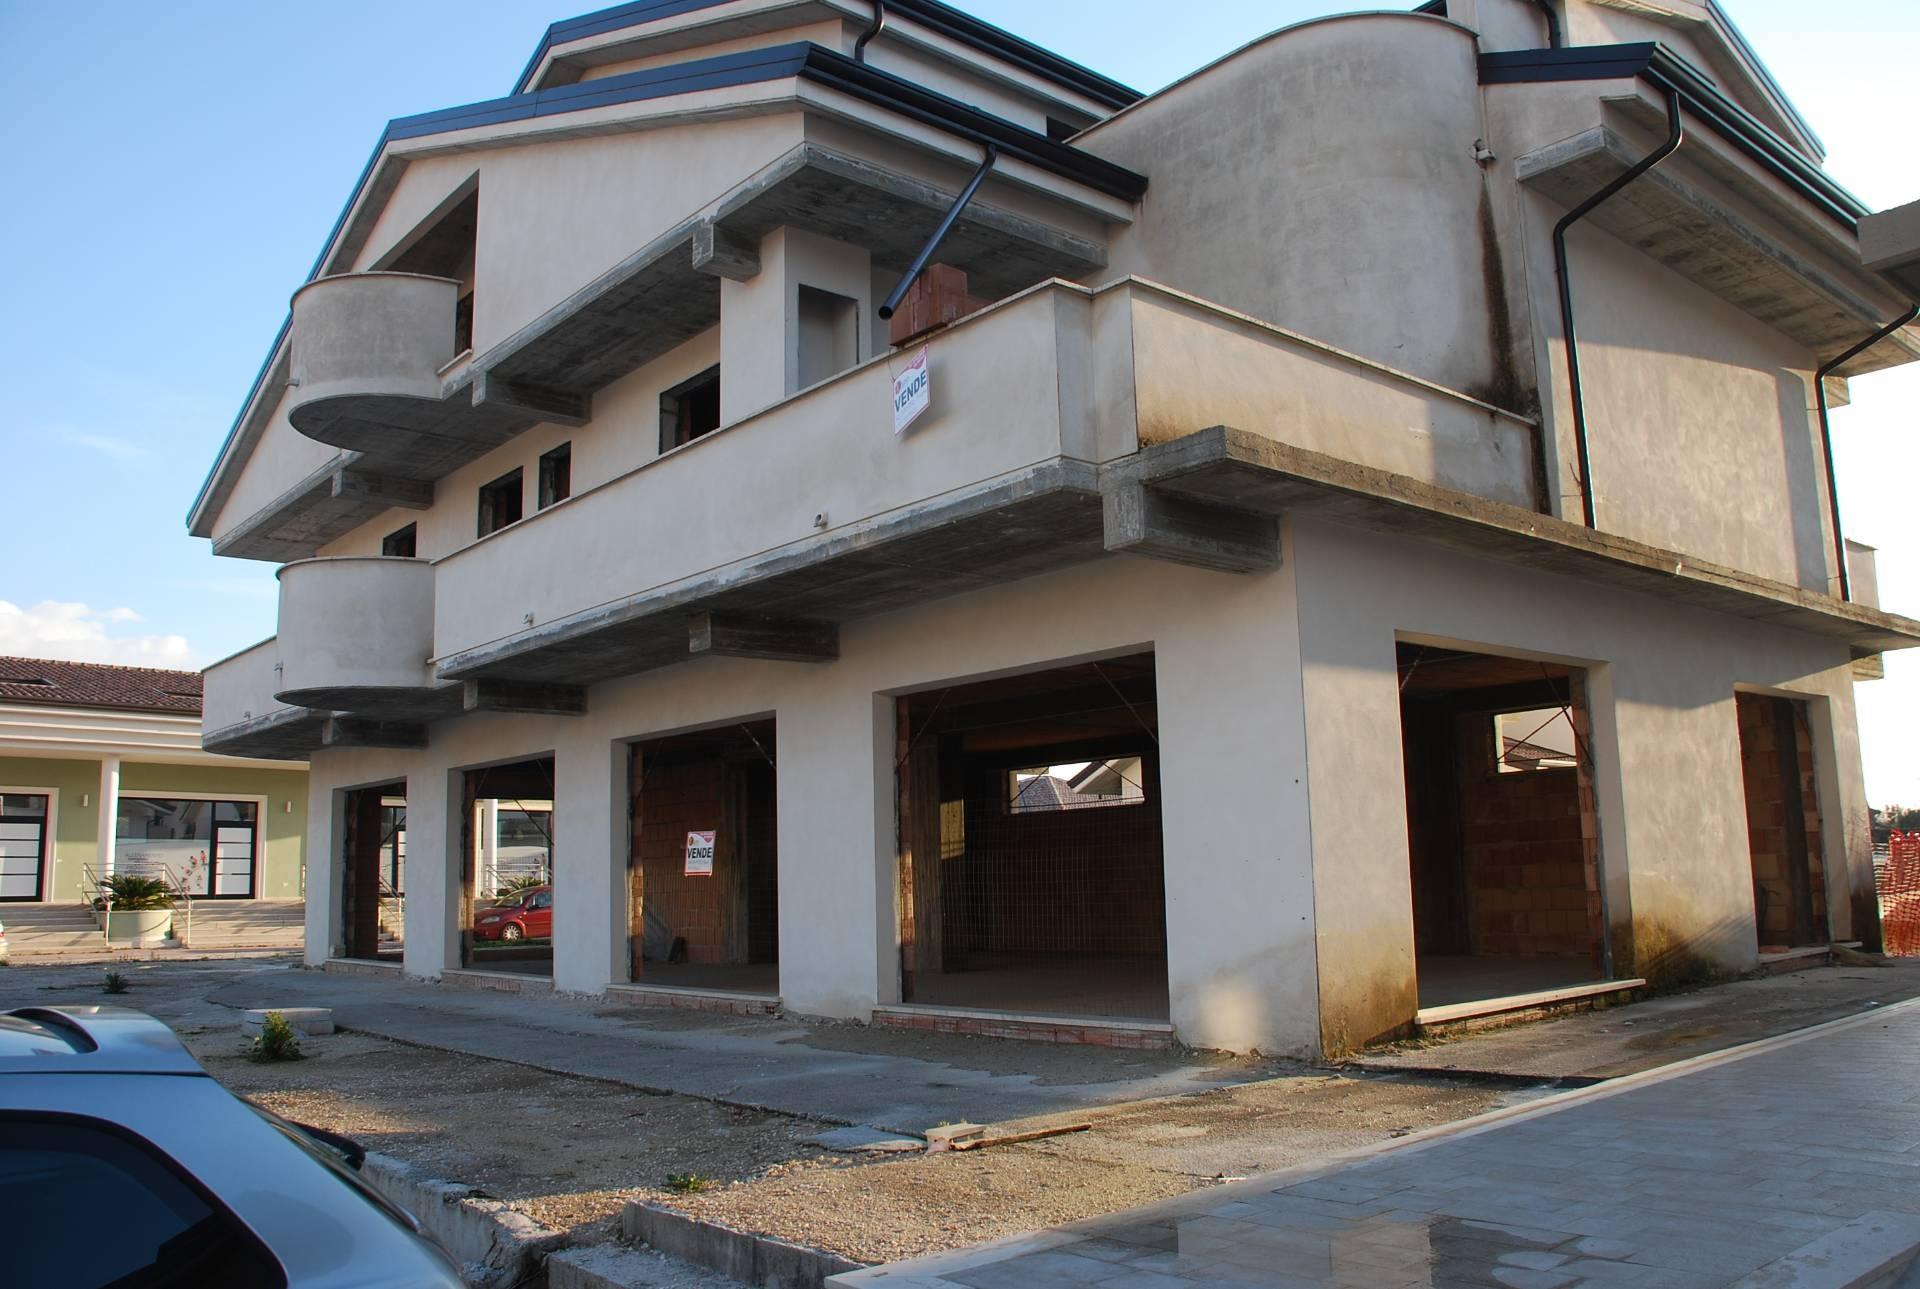 Appartamento in vendita a Sora, 3 locali, prezzo € 150.000   CambioCasa.it